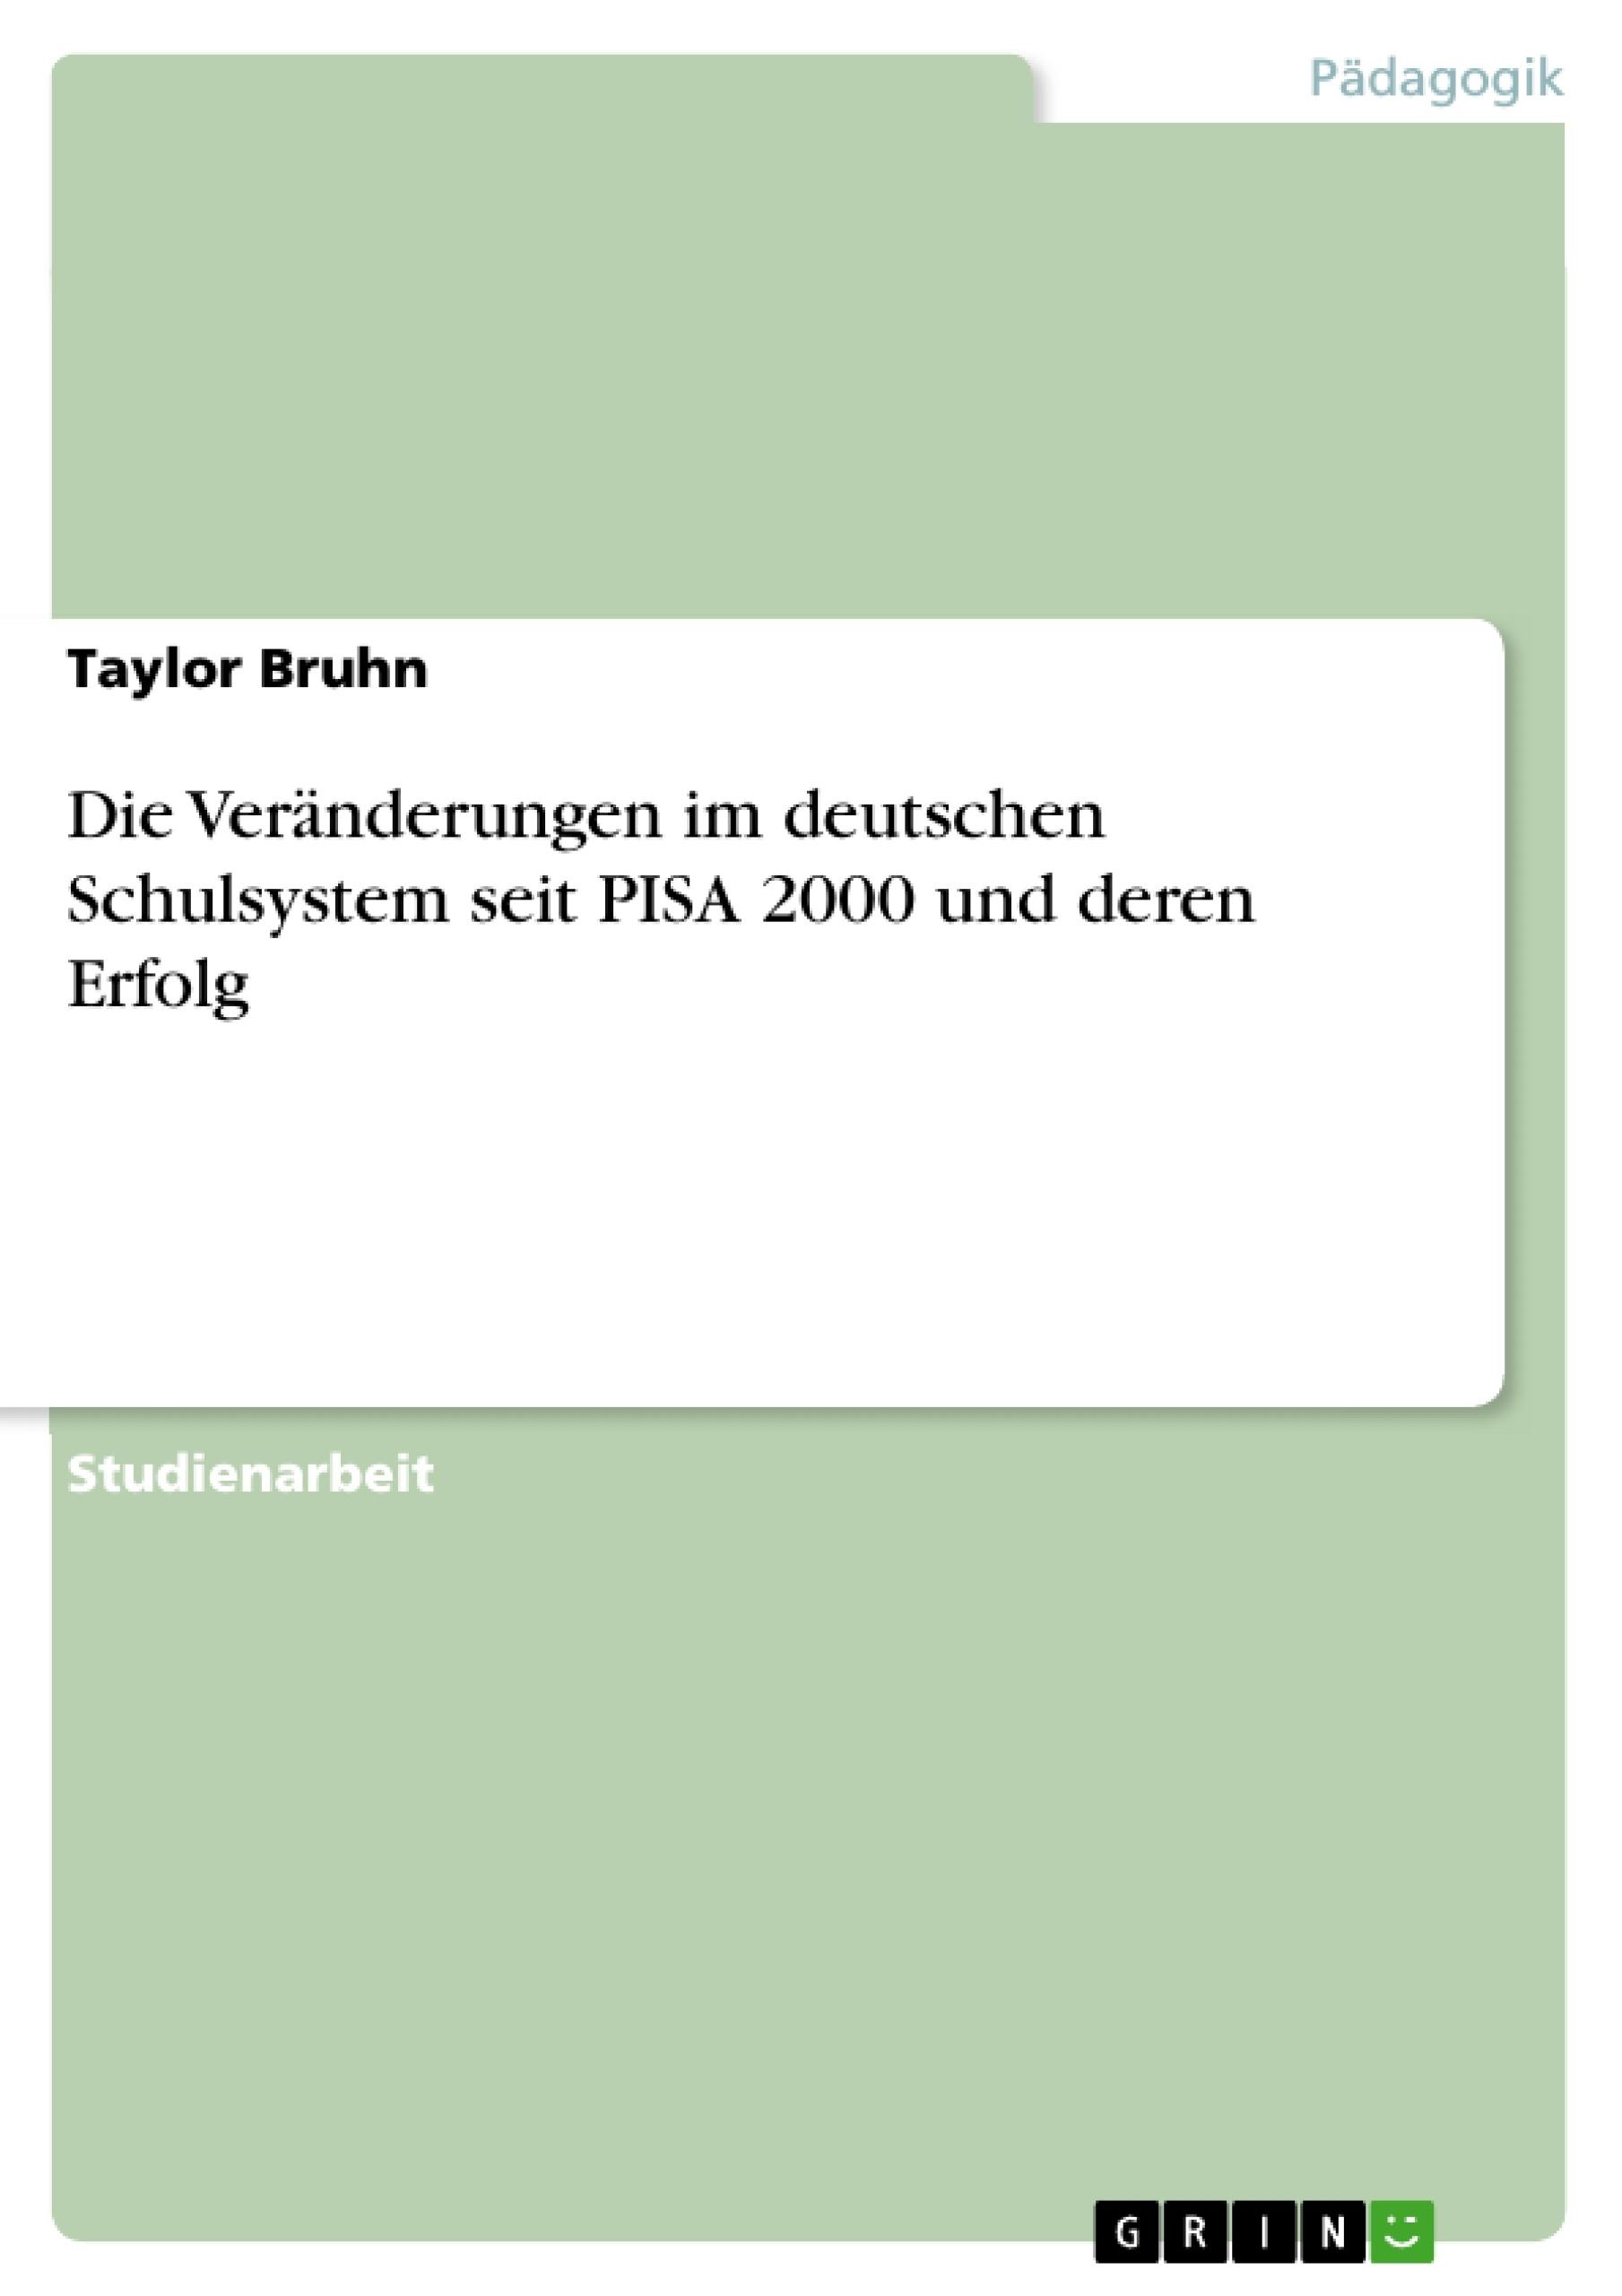 Titel: Die Veränderungen im deutschen Schulsystem seit PISA 2000 und deren Erfolg